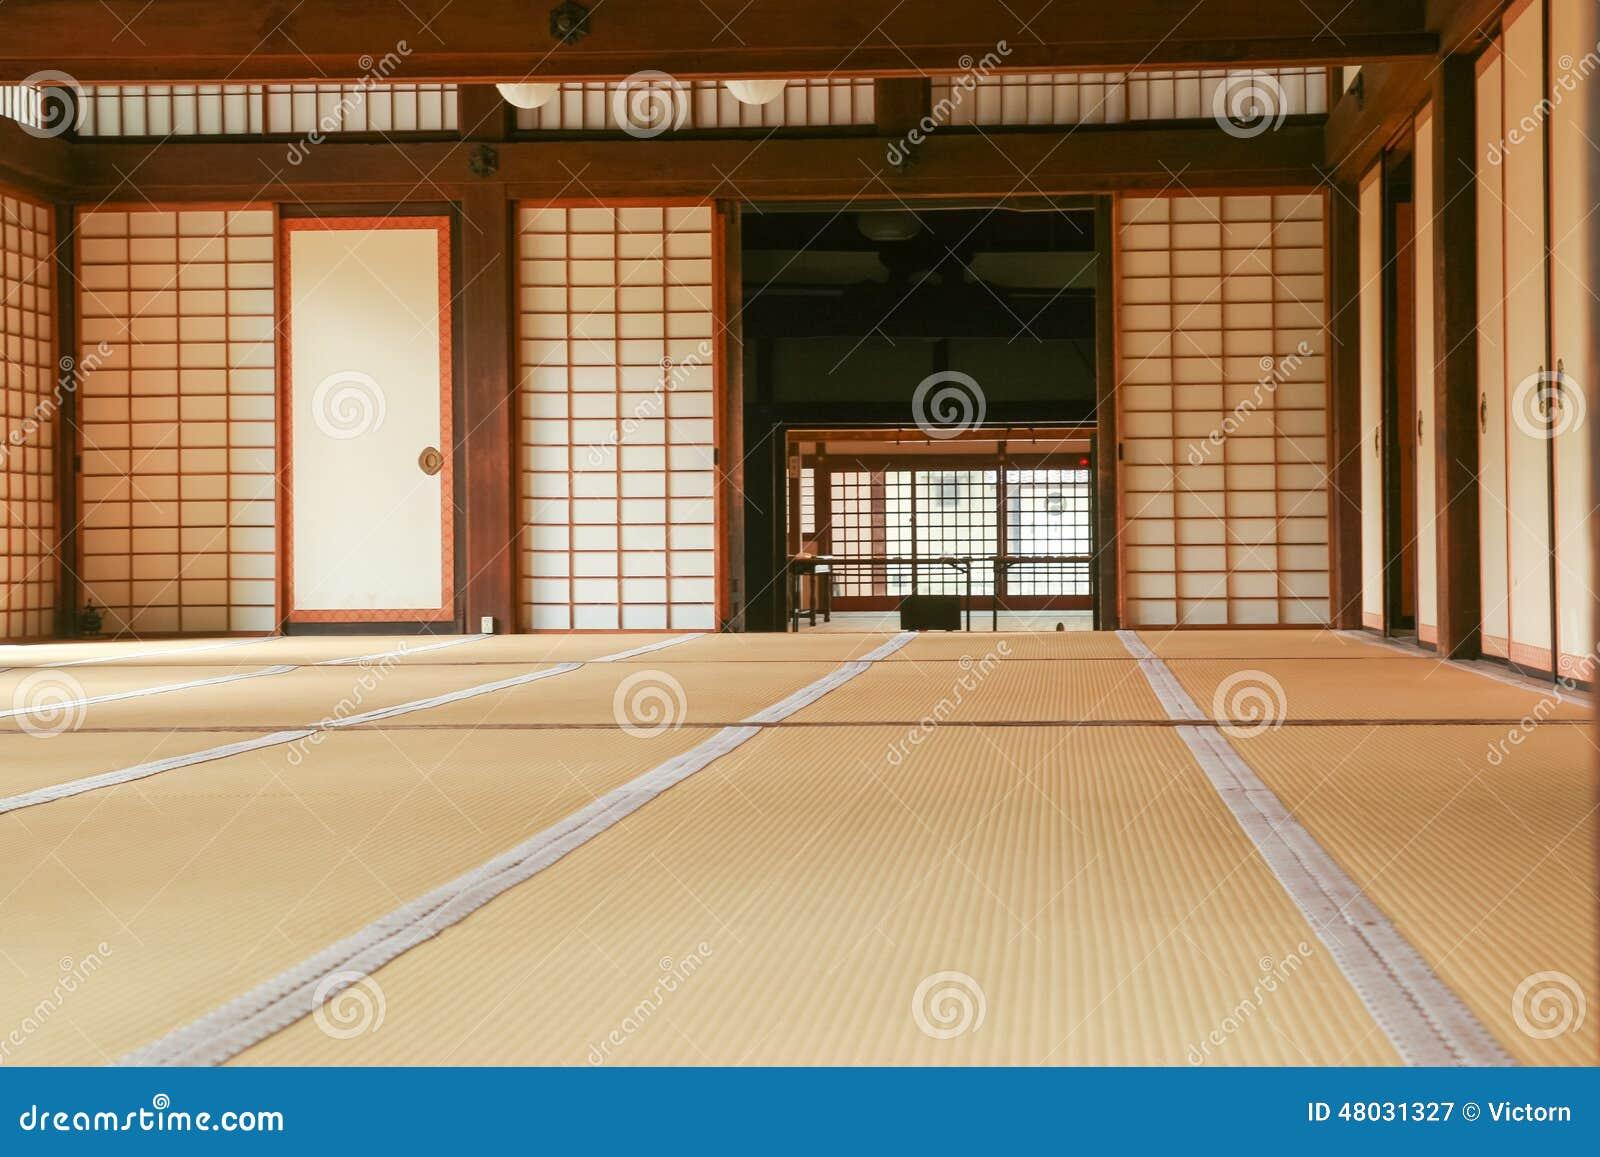 Spazio interno di una casa tradizionale giapponese for Architettura tradizionale giapponese